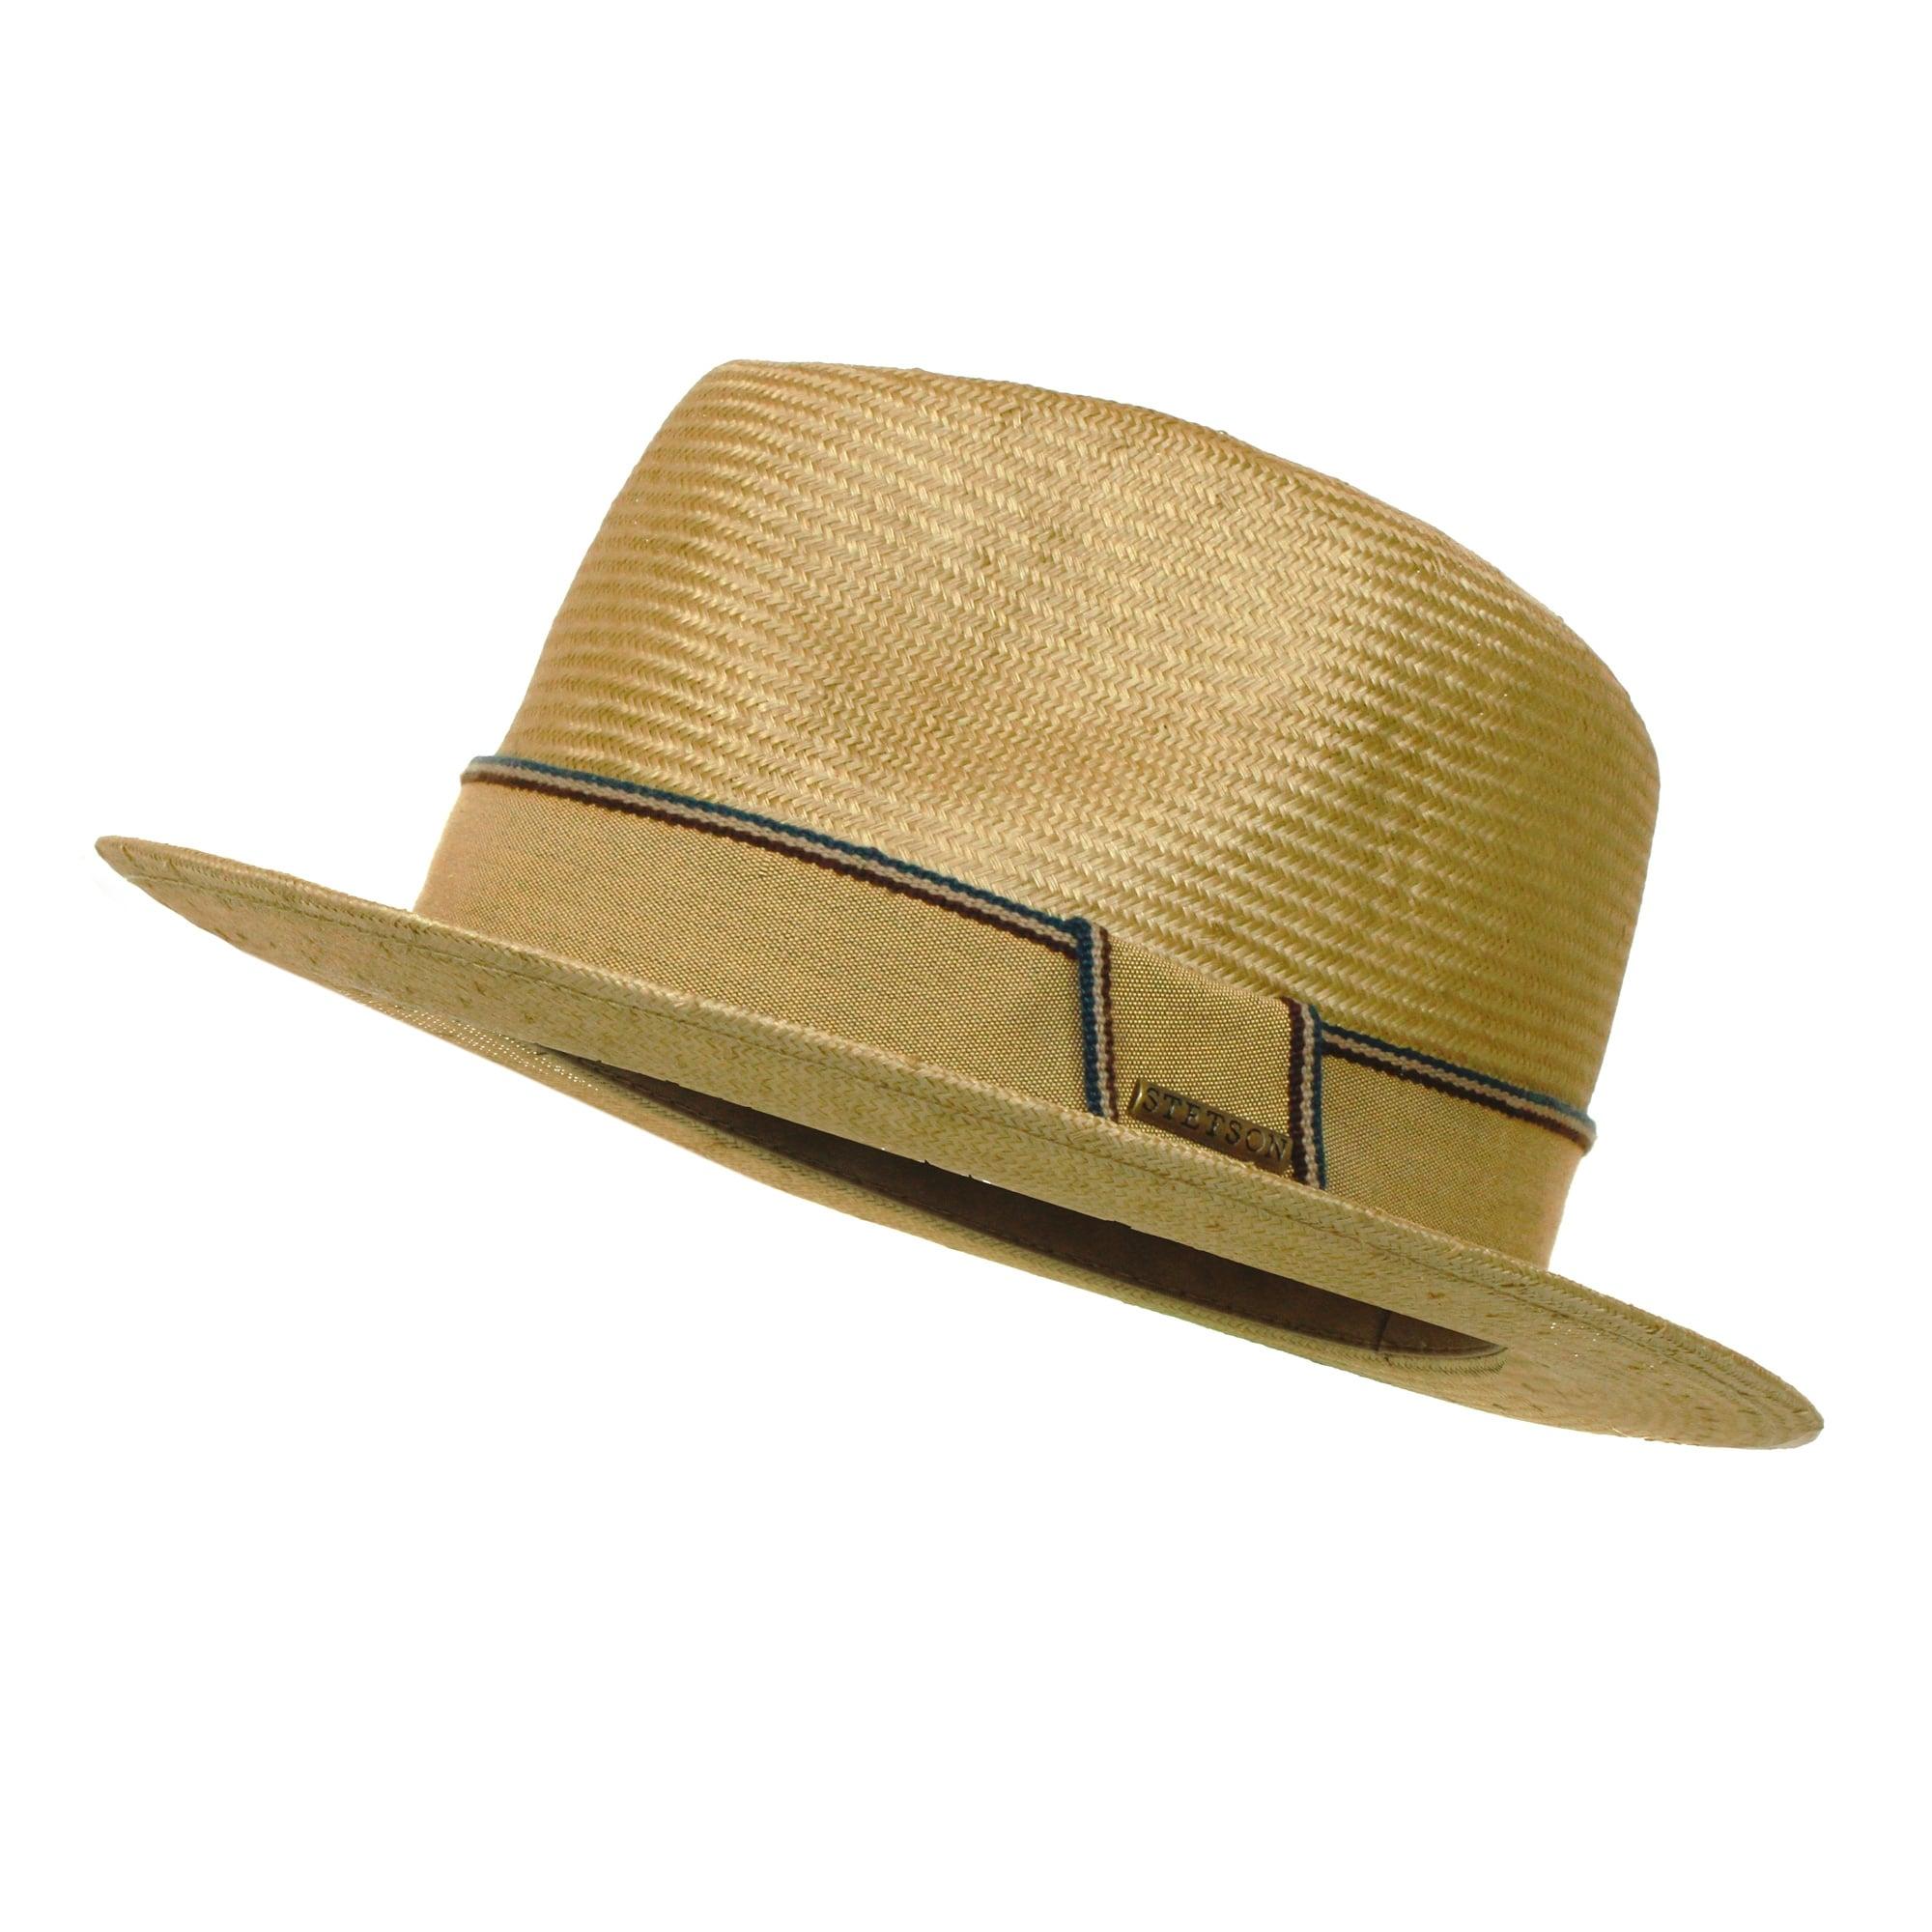 b78b4b6b6aafbf Stetson Store Online | Natural Straw Trilby Hat